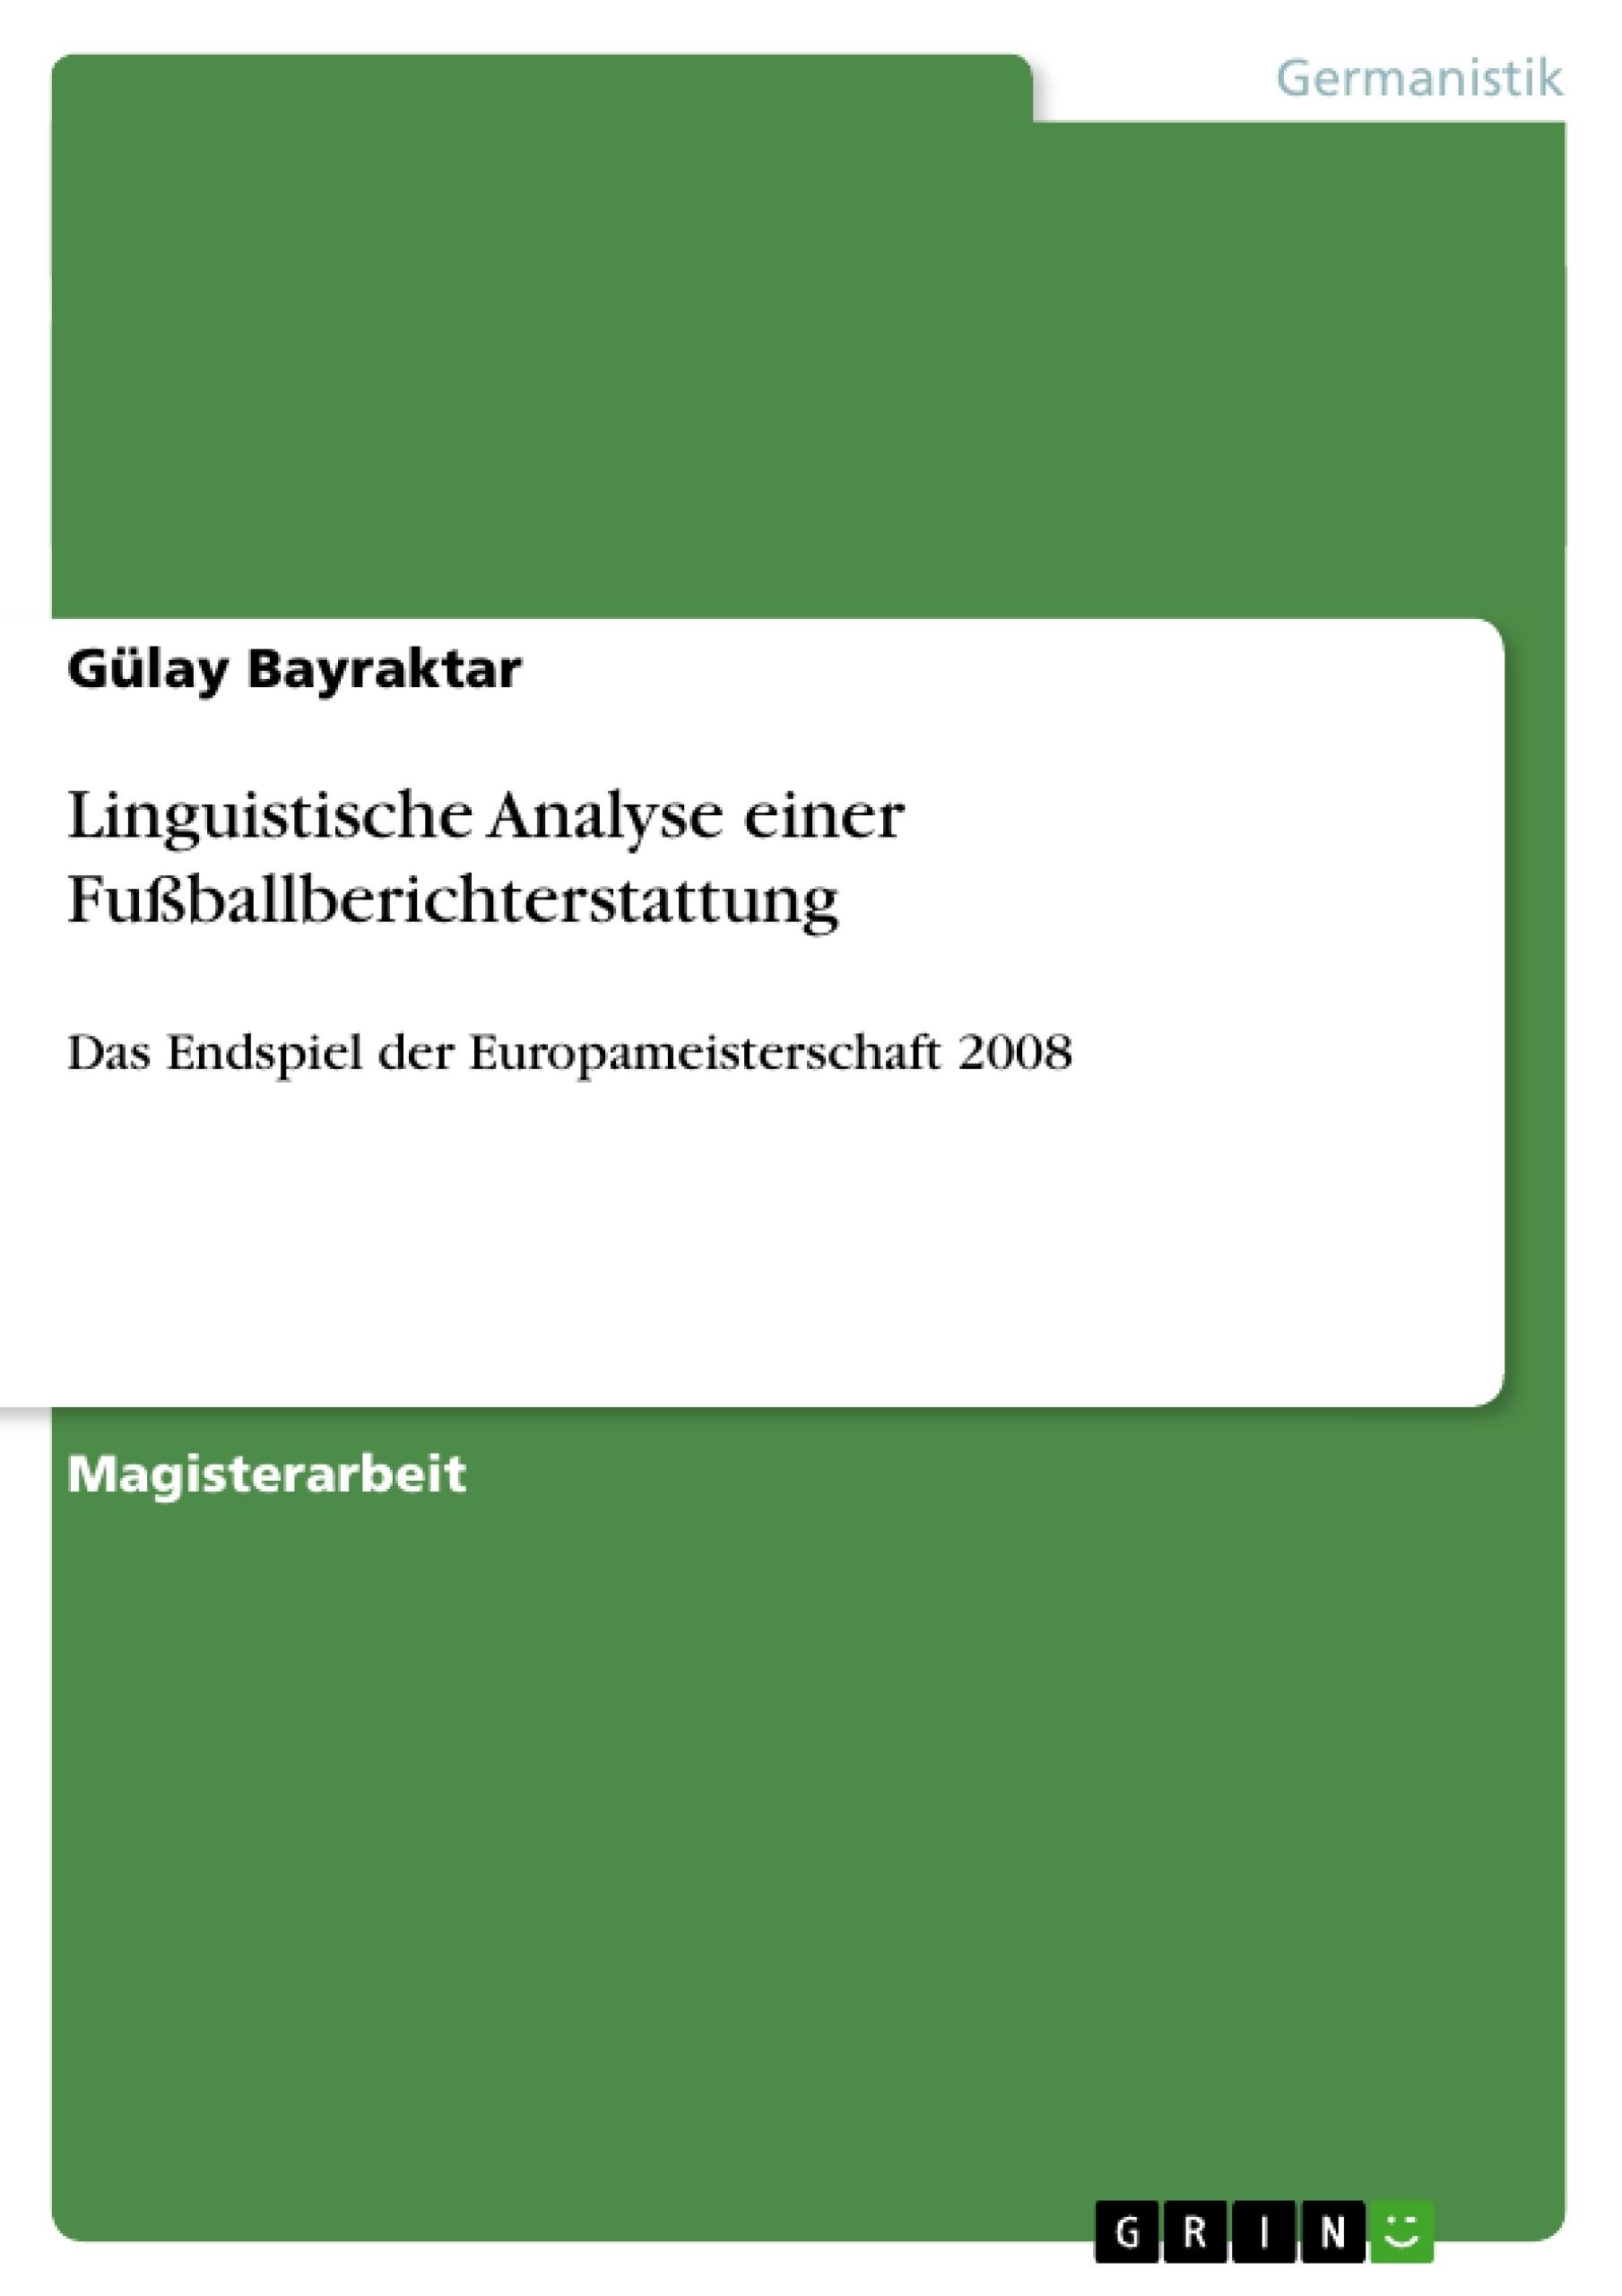 Titel: Linguistische Analyse einer Fußballberichterstattung